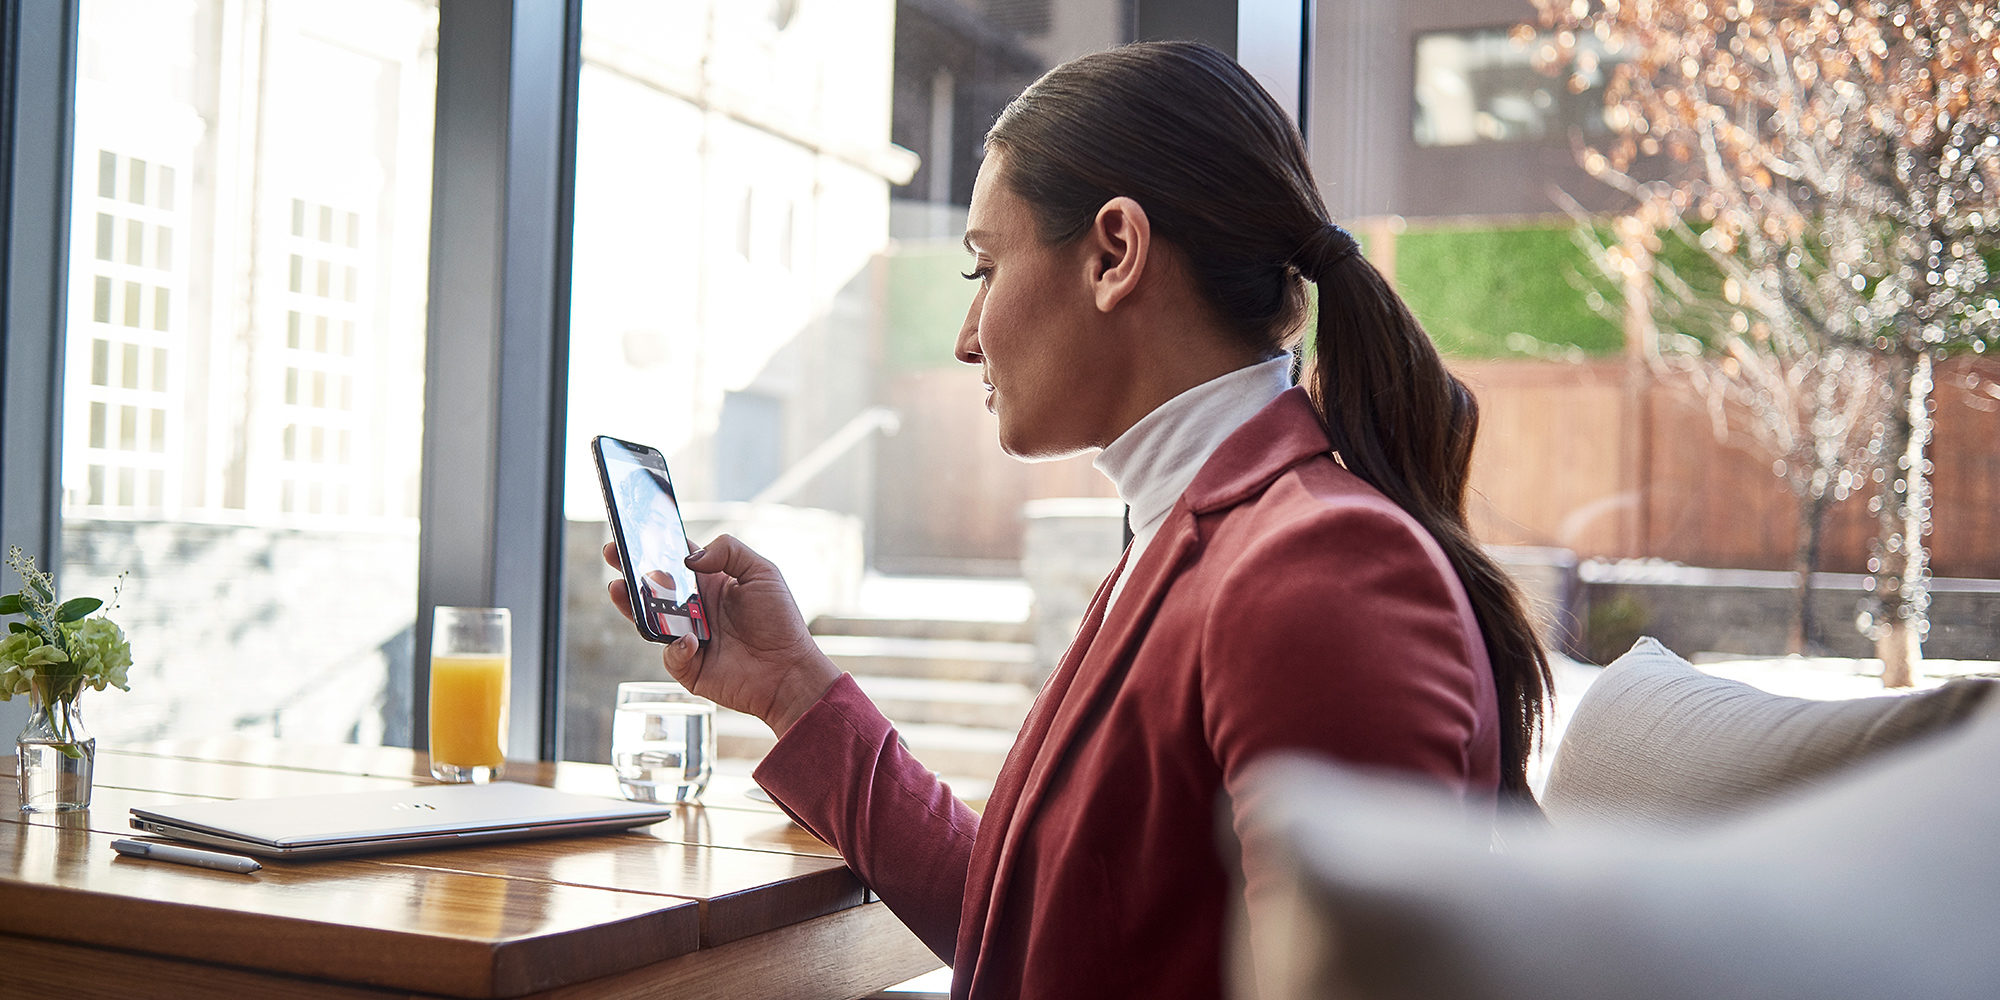 une personne tenant un téléphone devant une fenêtre